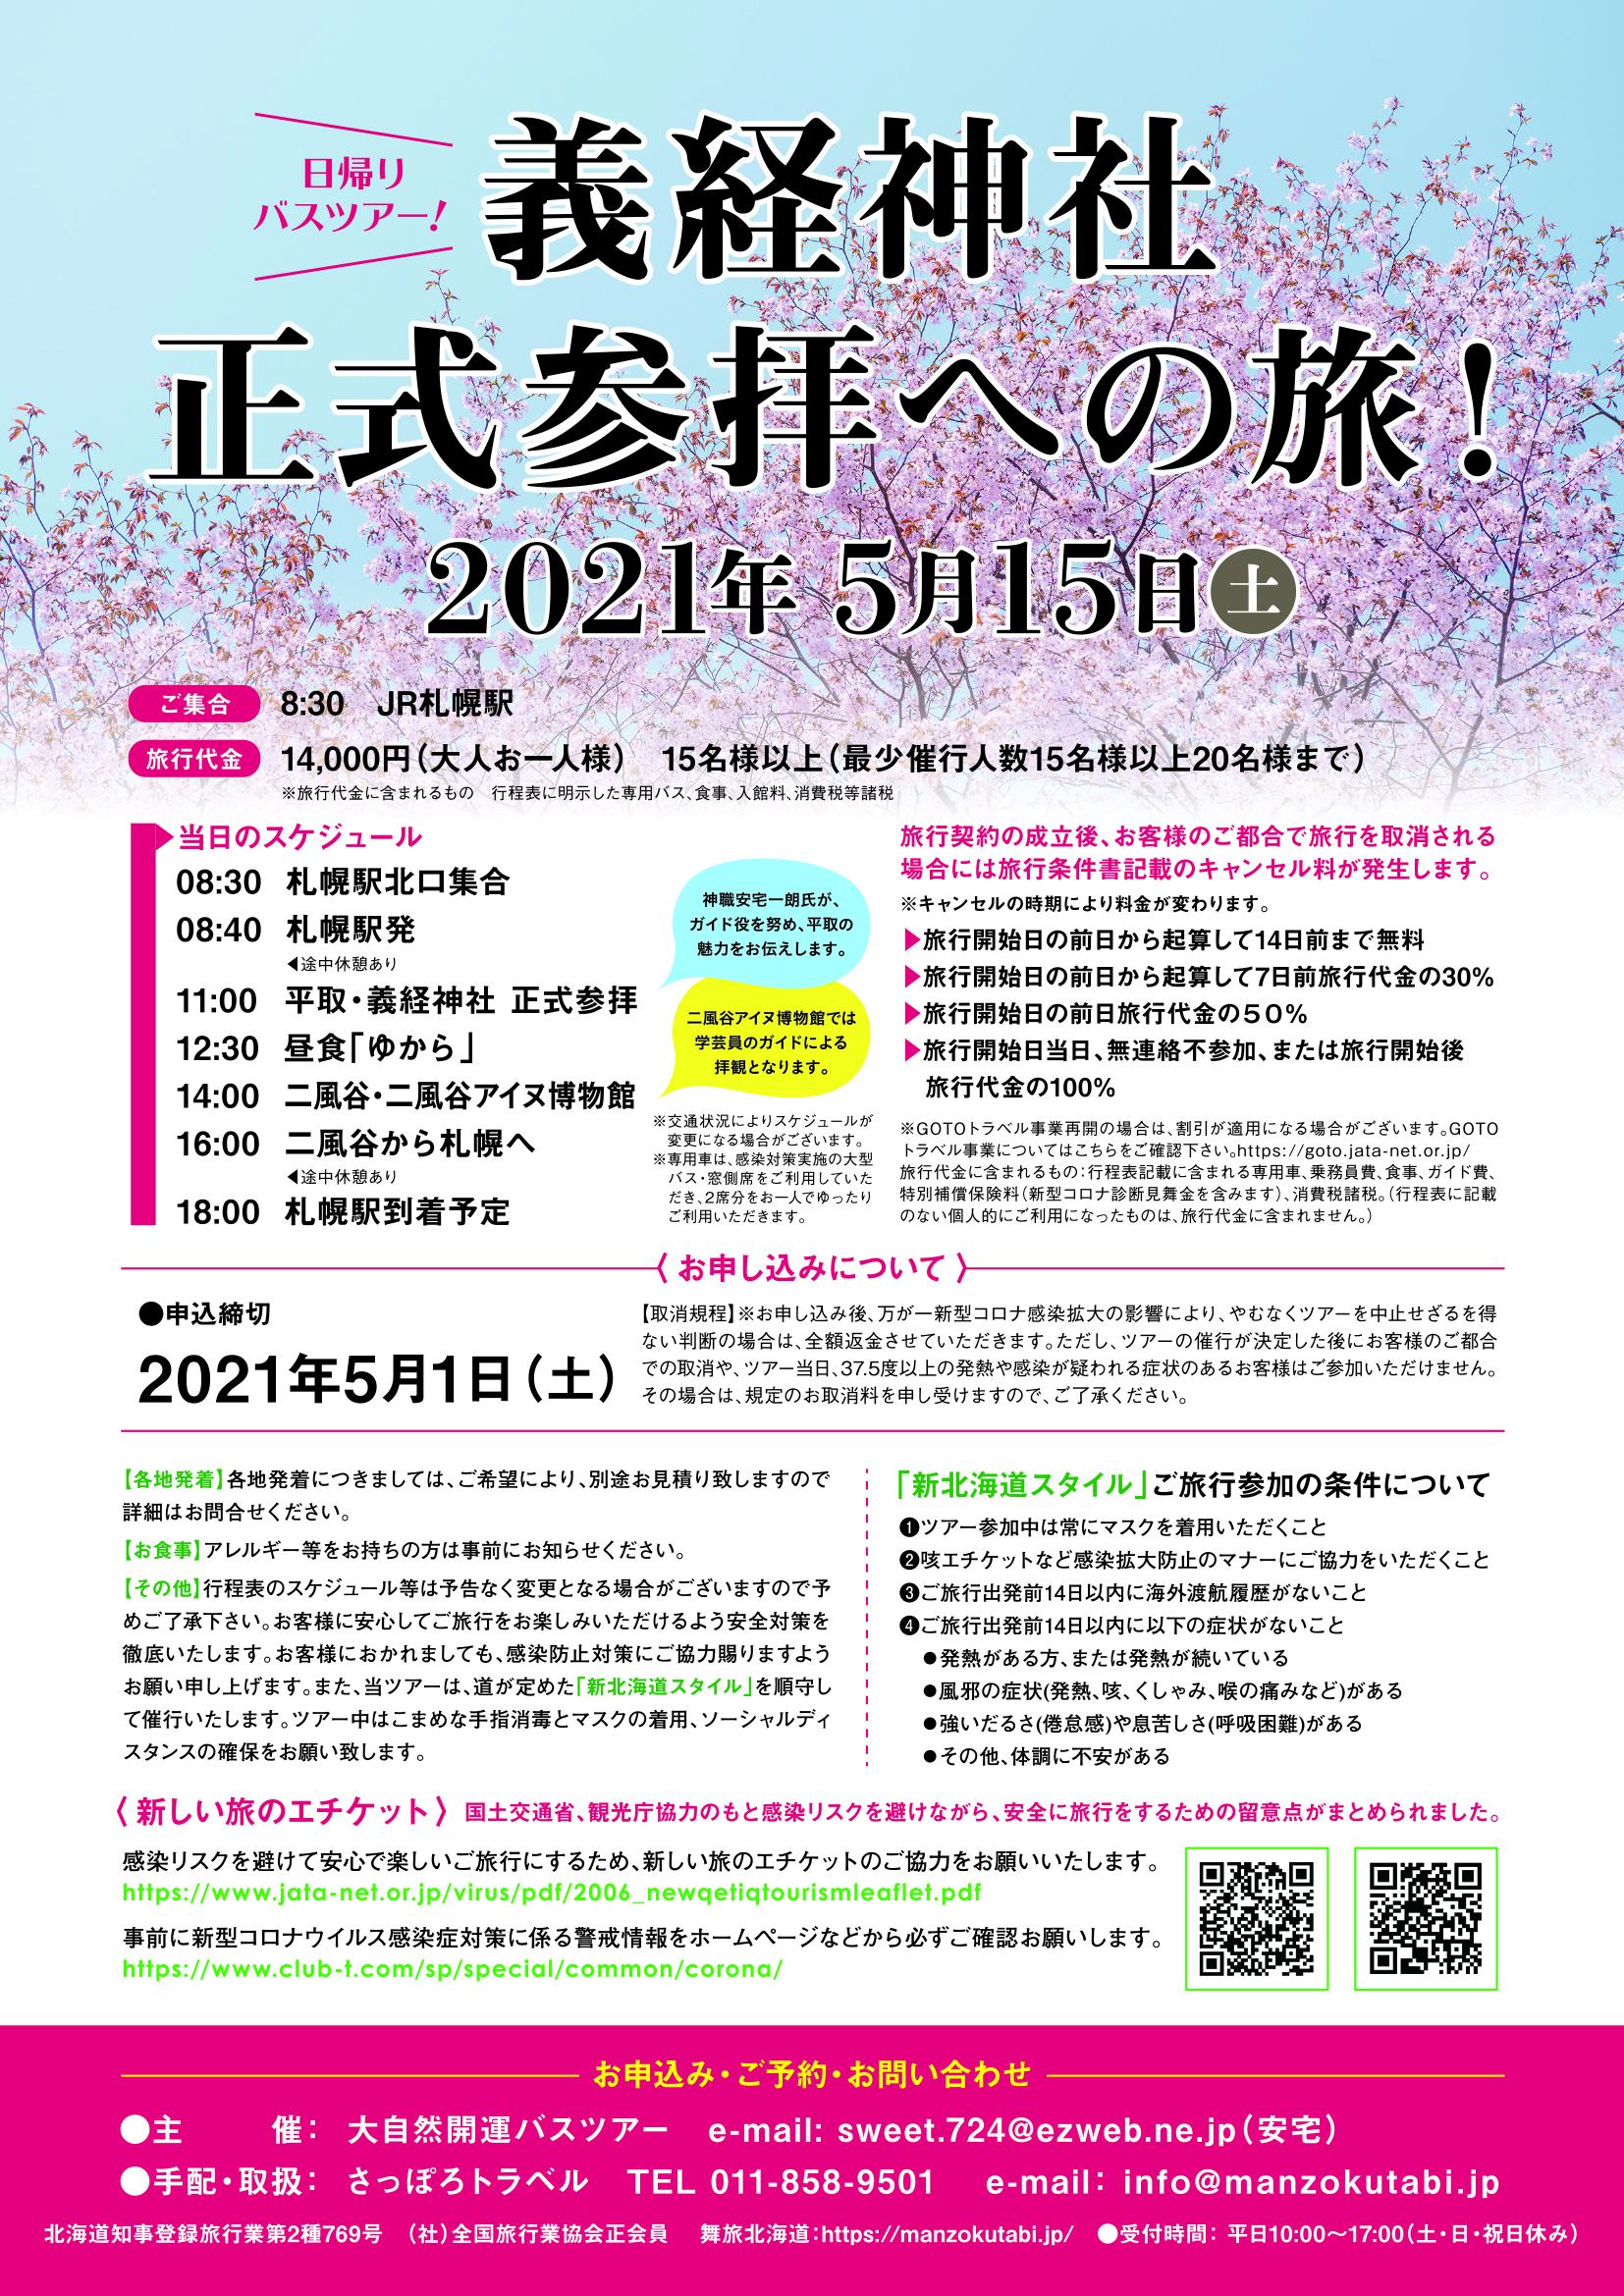 5/15 大自然開運バスツアー主催  義経神社正式参拝への旅